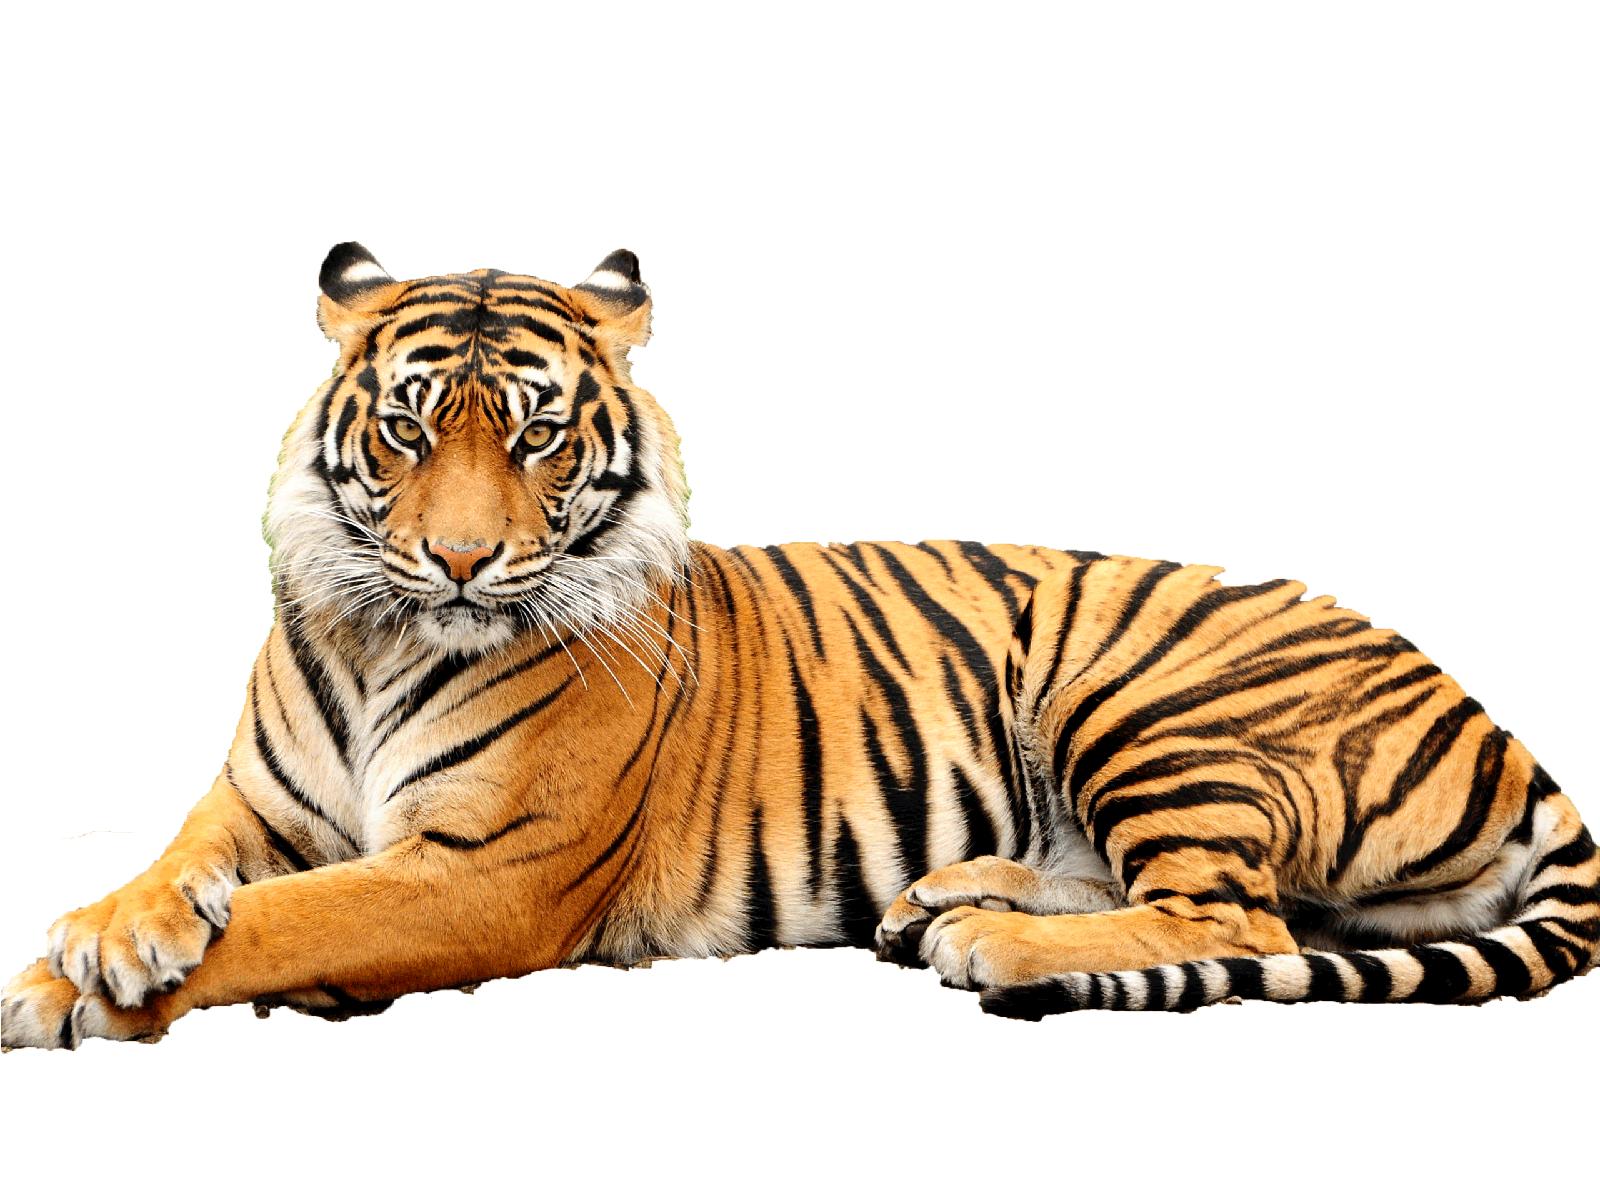 Image Result For Tiger Png Tiger Images Tiger Drawing Tiger